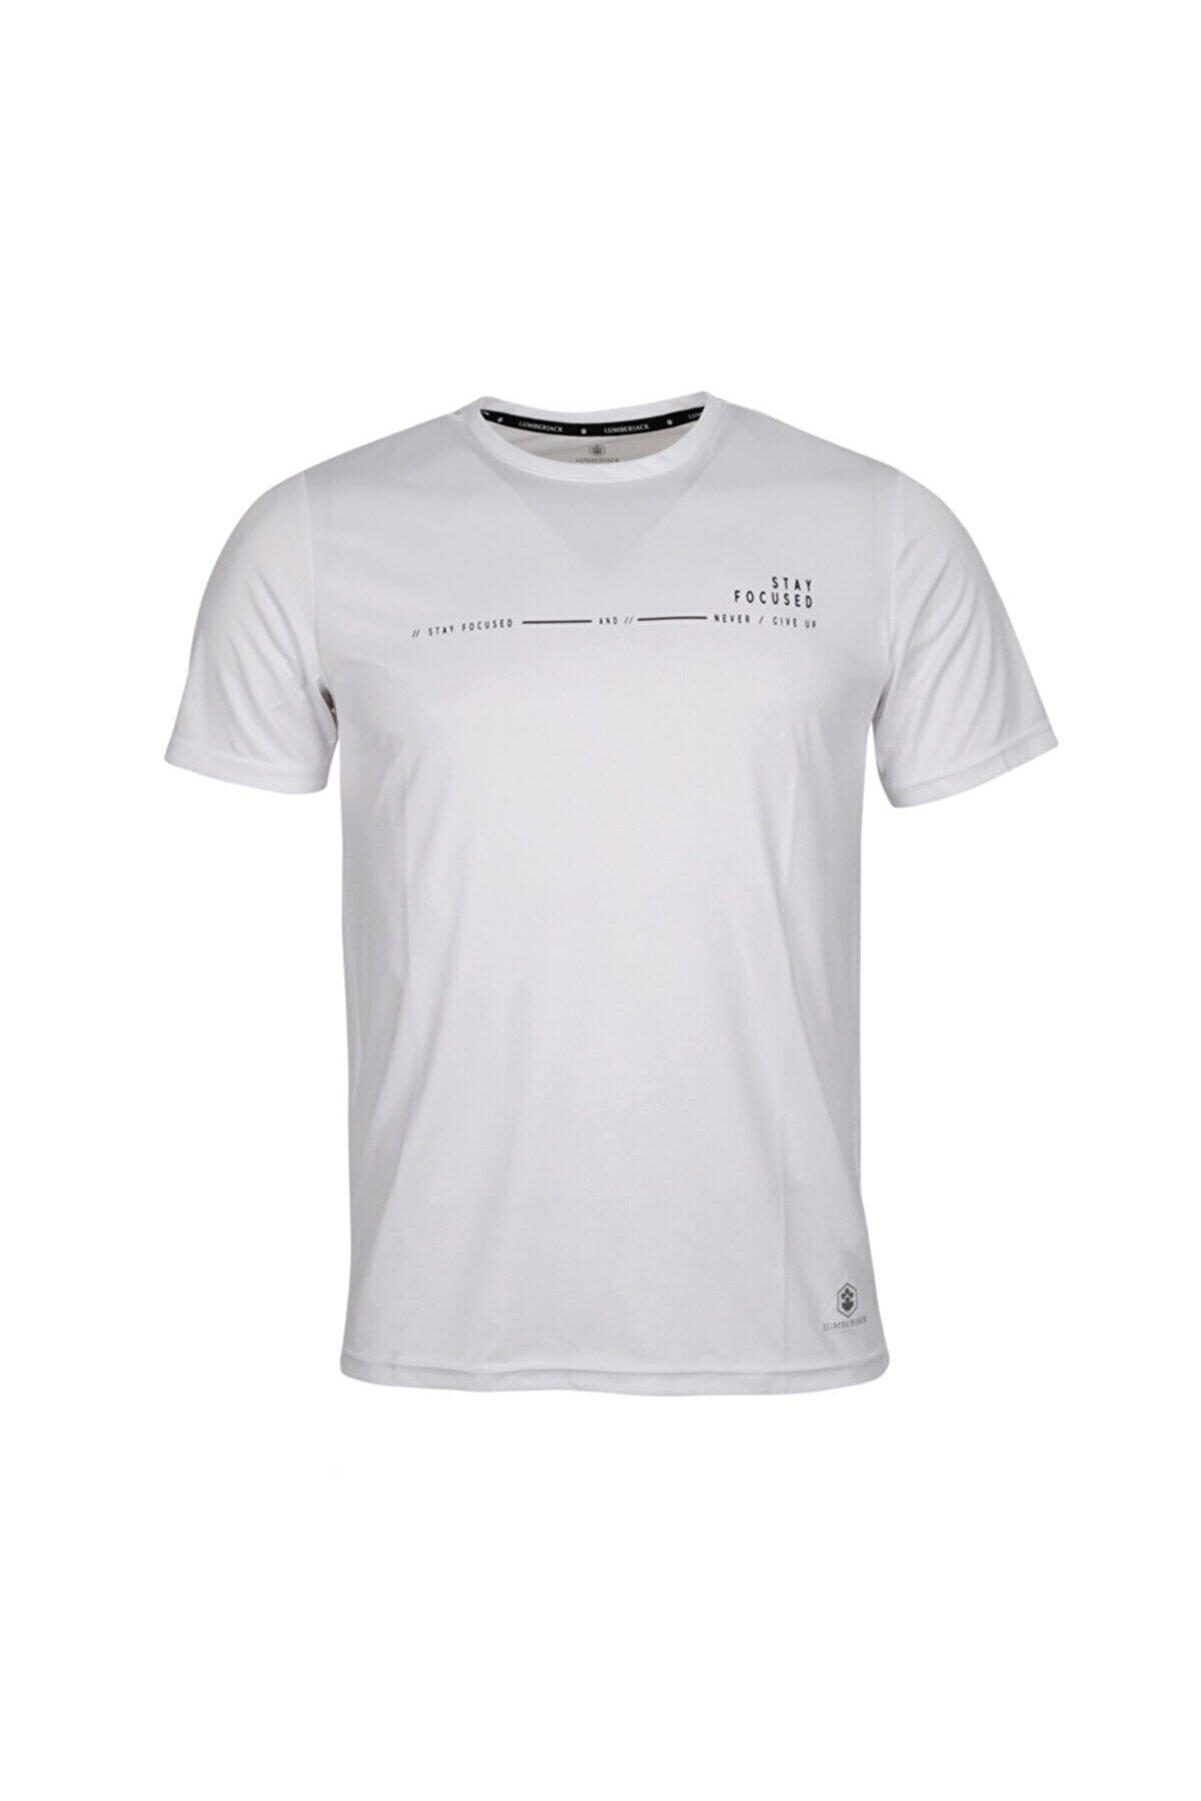 Lumberjack CT384 ARMY MINIMAL T-SHIR Beyaz Erkek T-Shirt 100582722